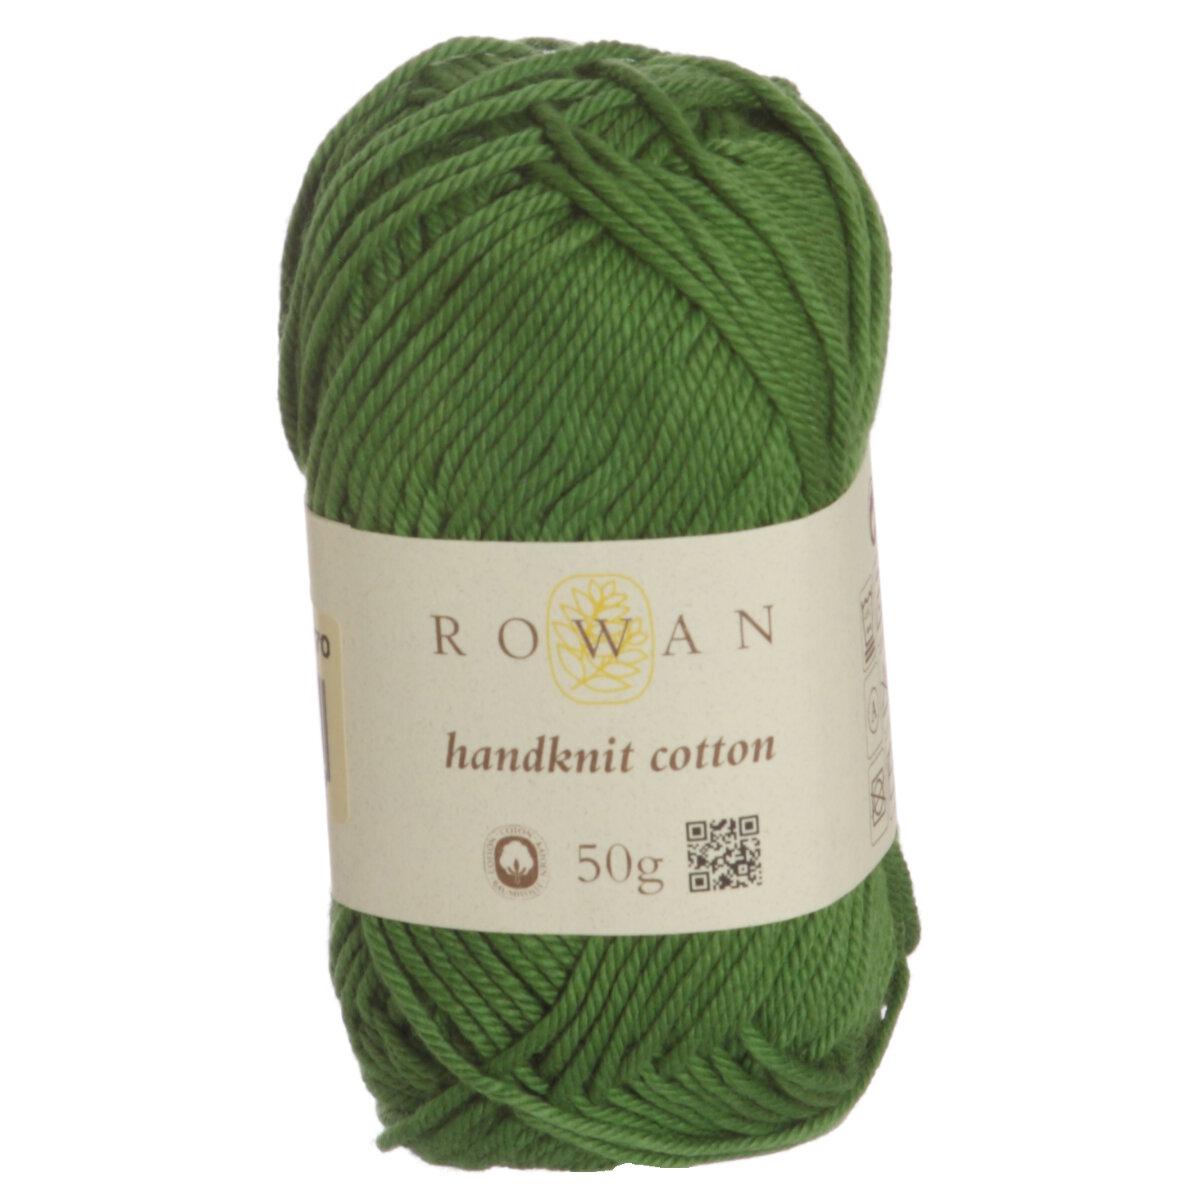 Rowan Handknit Cotton Yarn 344 Pesto Discontinued At